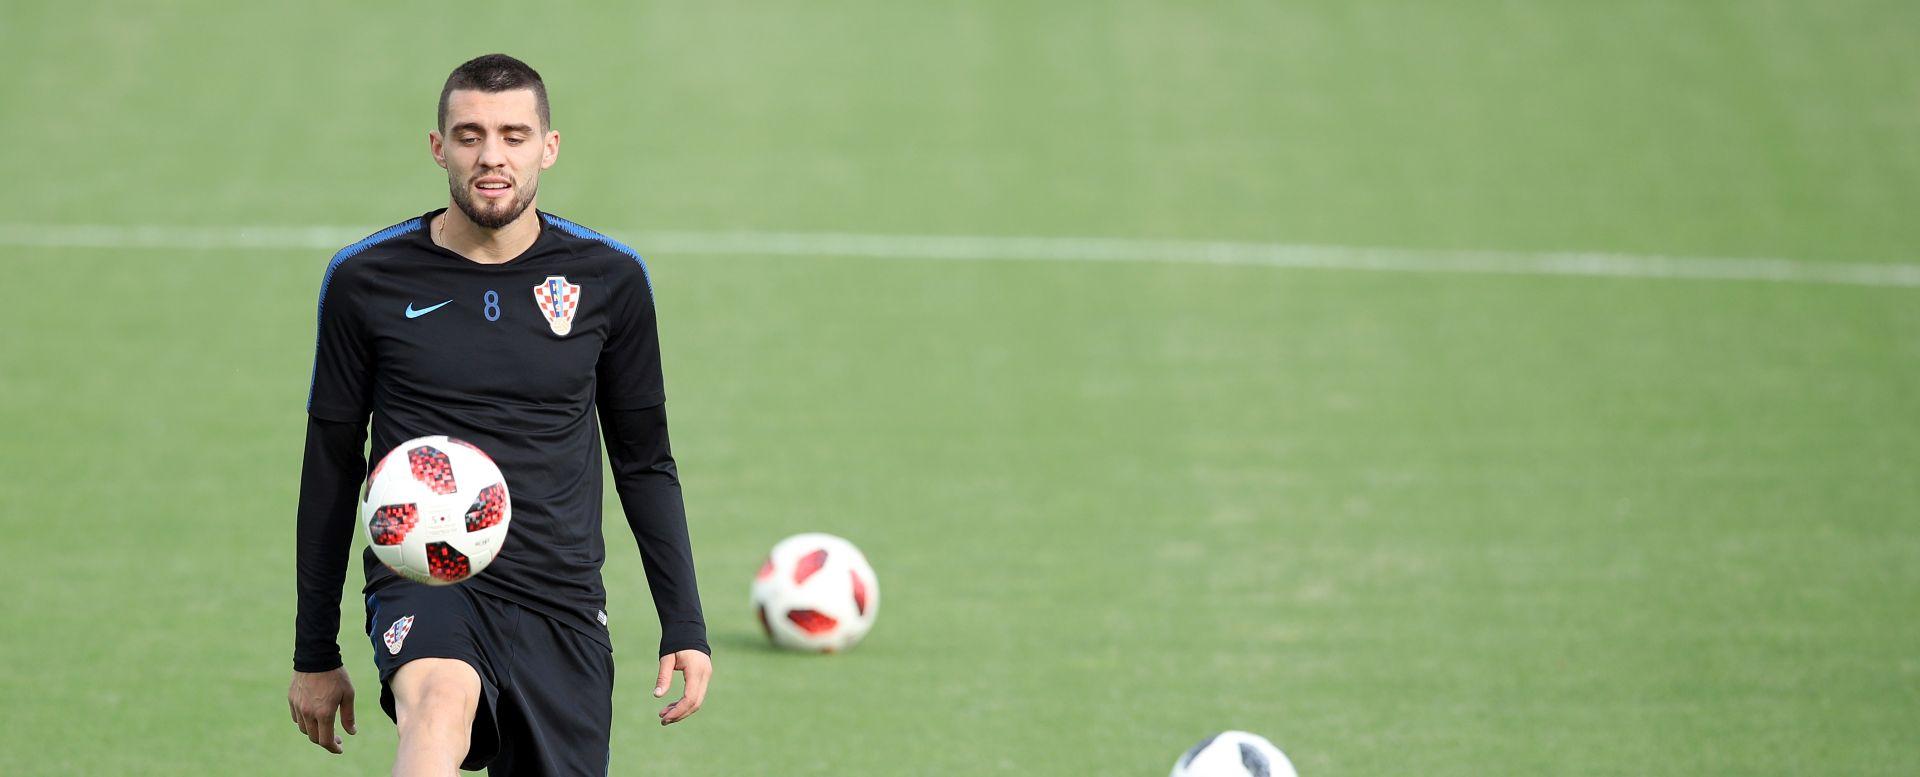 Kovačić na jednogodišnjoj posudbi u Chelseaju, Curtois u Realu